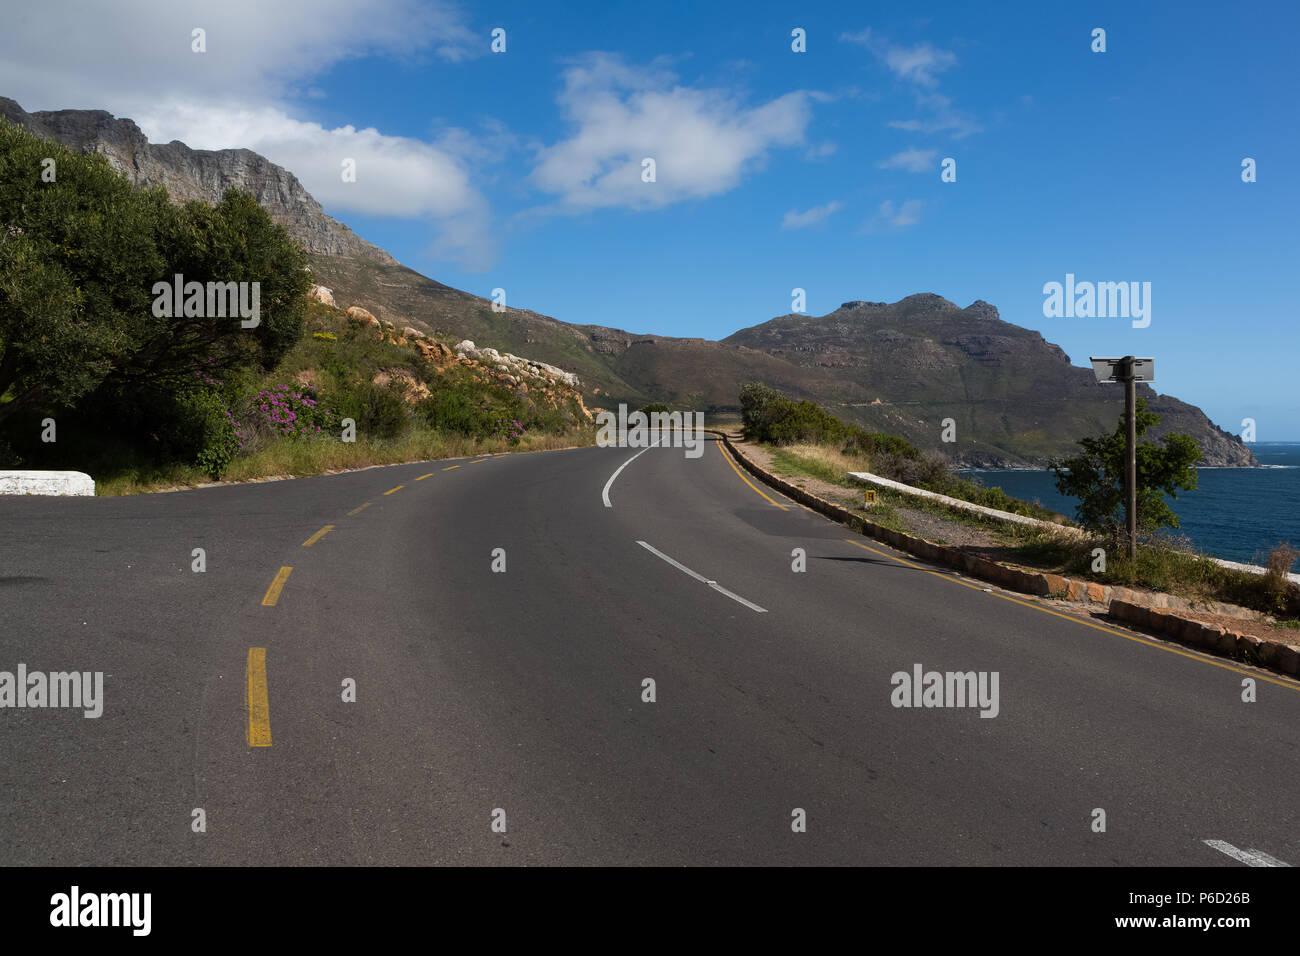 L'autoroute en pleine campagne sur une journée ensoleillée Banque D'Images